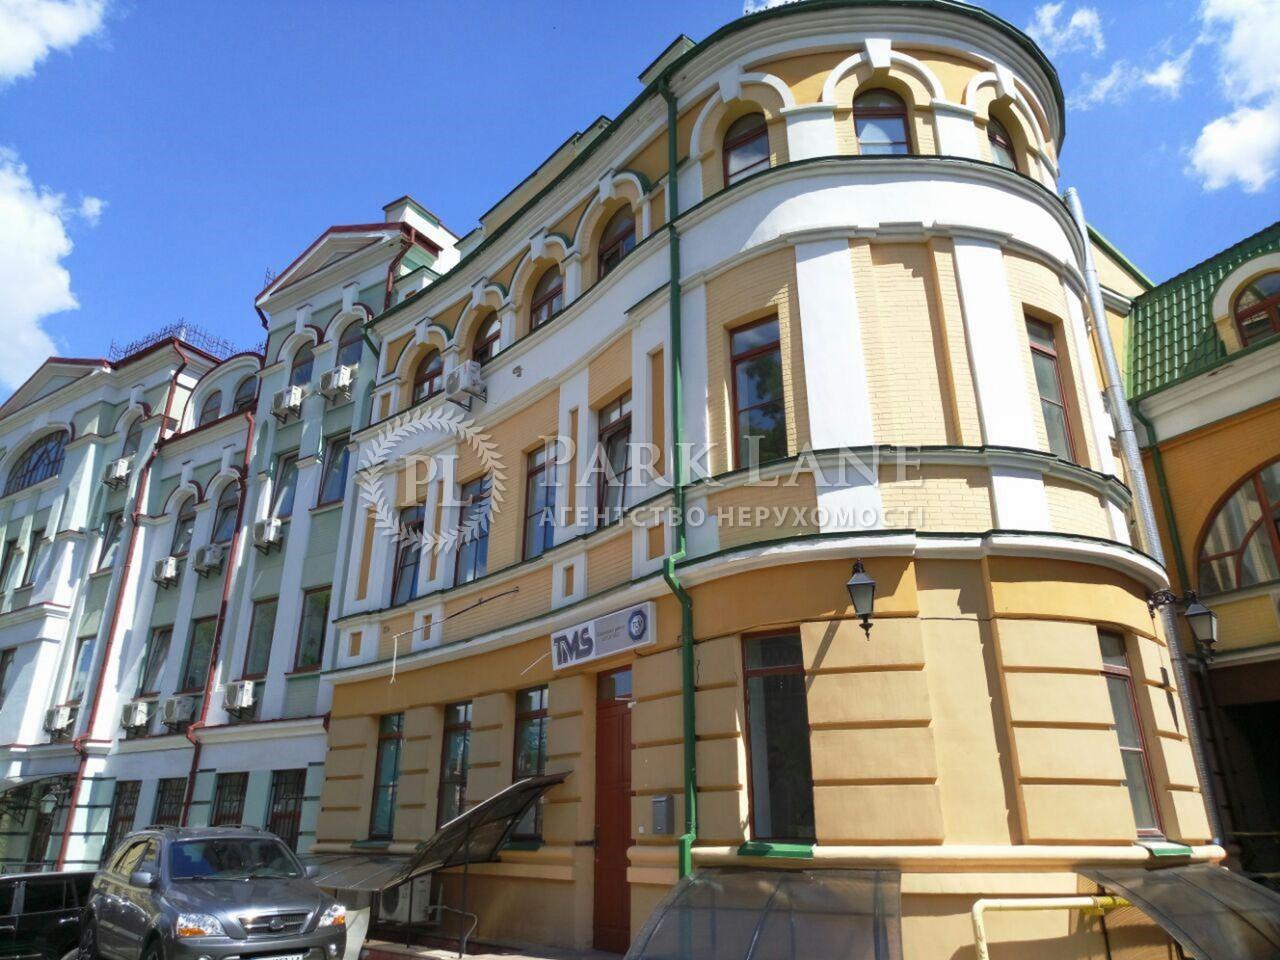 Нежитлове приміщення, I-28622, Воздвиженська, Київ - Фото 5